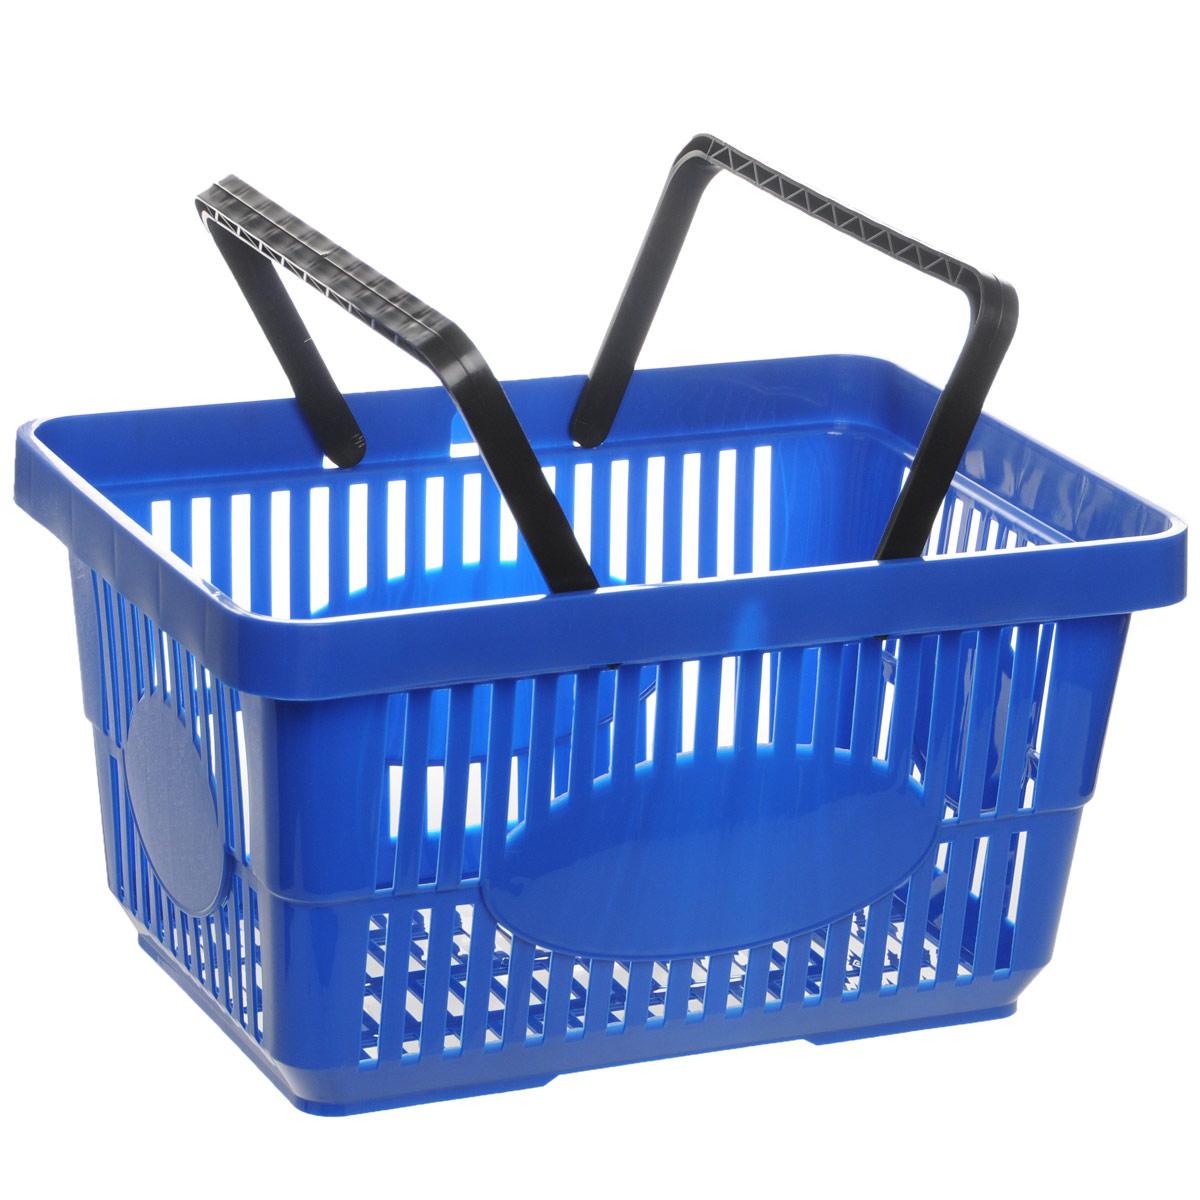 Корзина для покупок Альтернатива, цвет: синий, 42,5 х 30 х 22,5 смTRB312Корзина для покупок Альтернатива изготовлена из прочного пластика и оснащена двумя ручками. Поверхность изделия перфорированная. Корзина предназначена для покупателей продуктовых и строительных гипермаркетов для переноски легких товаров по торговому залу. Также прекрасно подойдет для различных хозяйственных нужд, хранения и транспортировки бытовых предметов.Корзина очень легкая, прочная и не поддается коррозии.